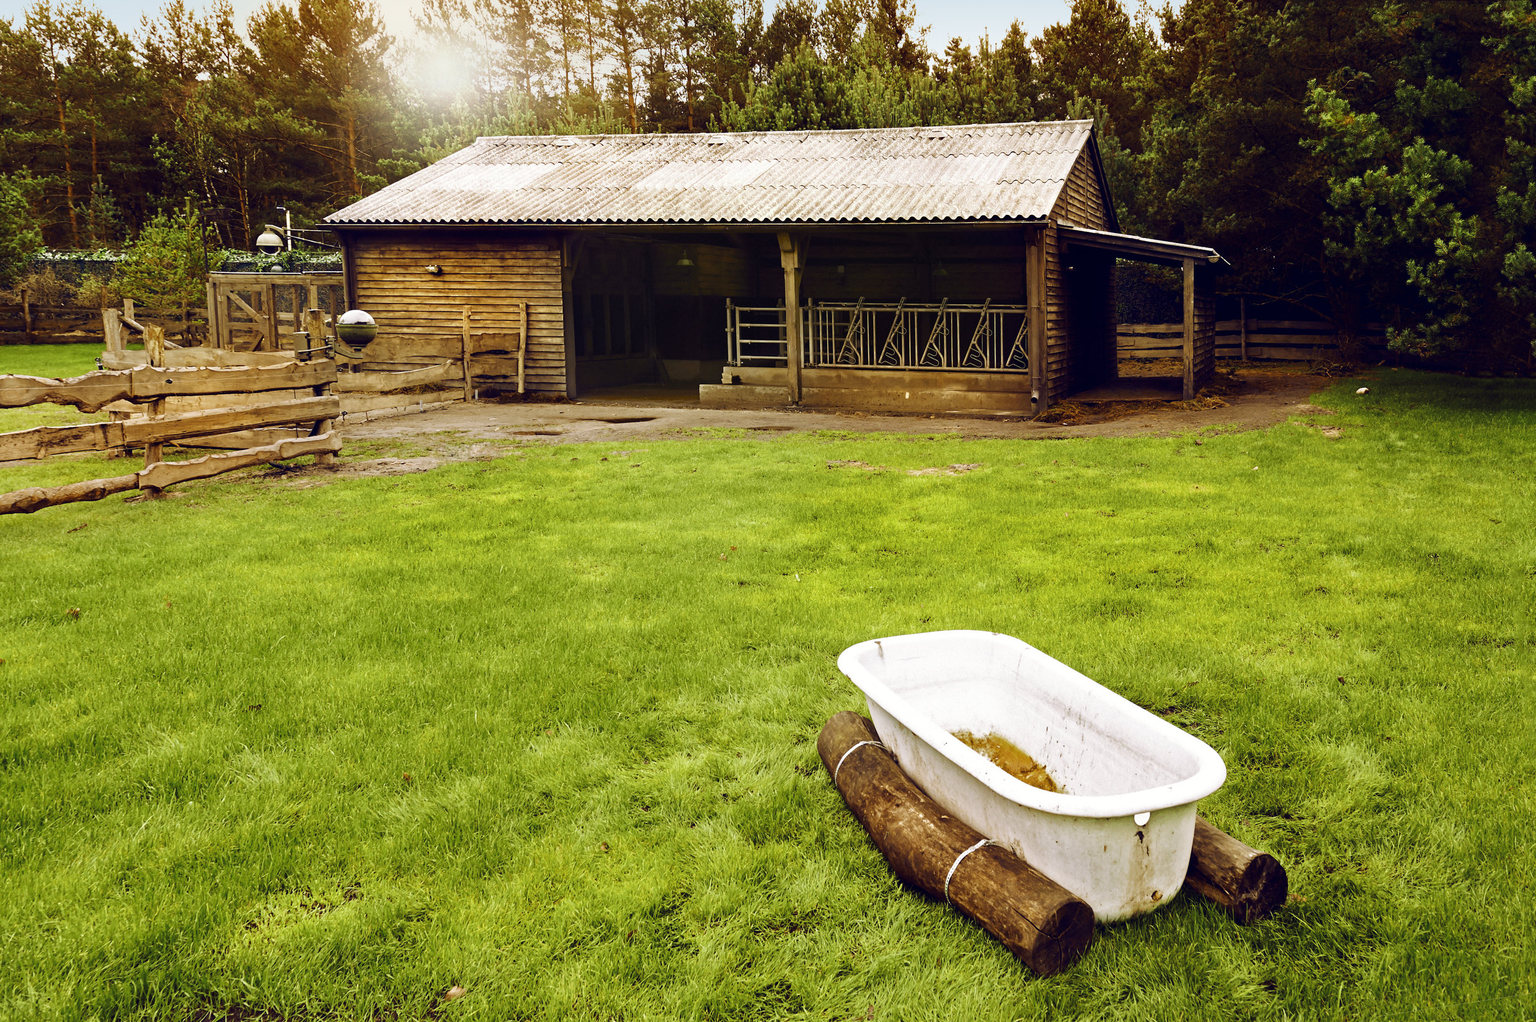 Newtopia-Gelaende-Badewanne-Sat.1-Standort